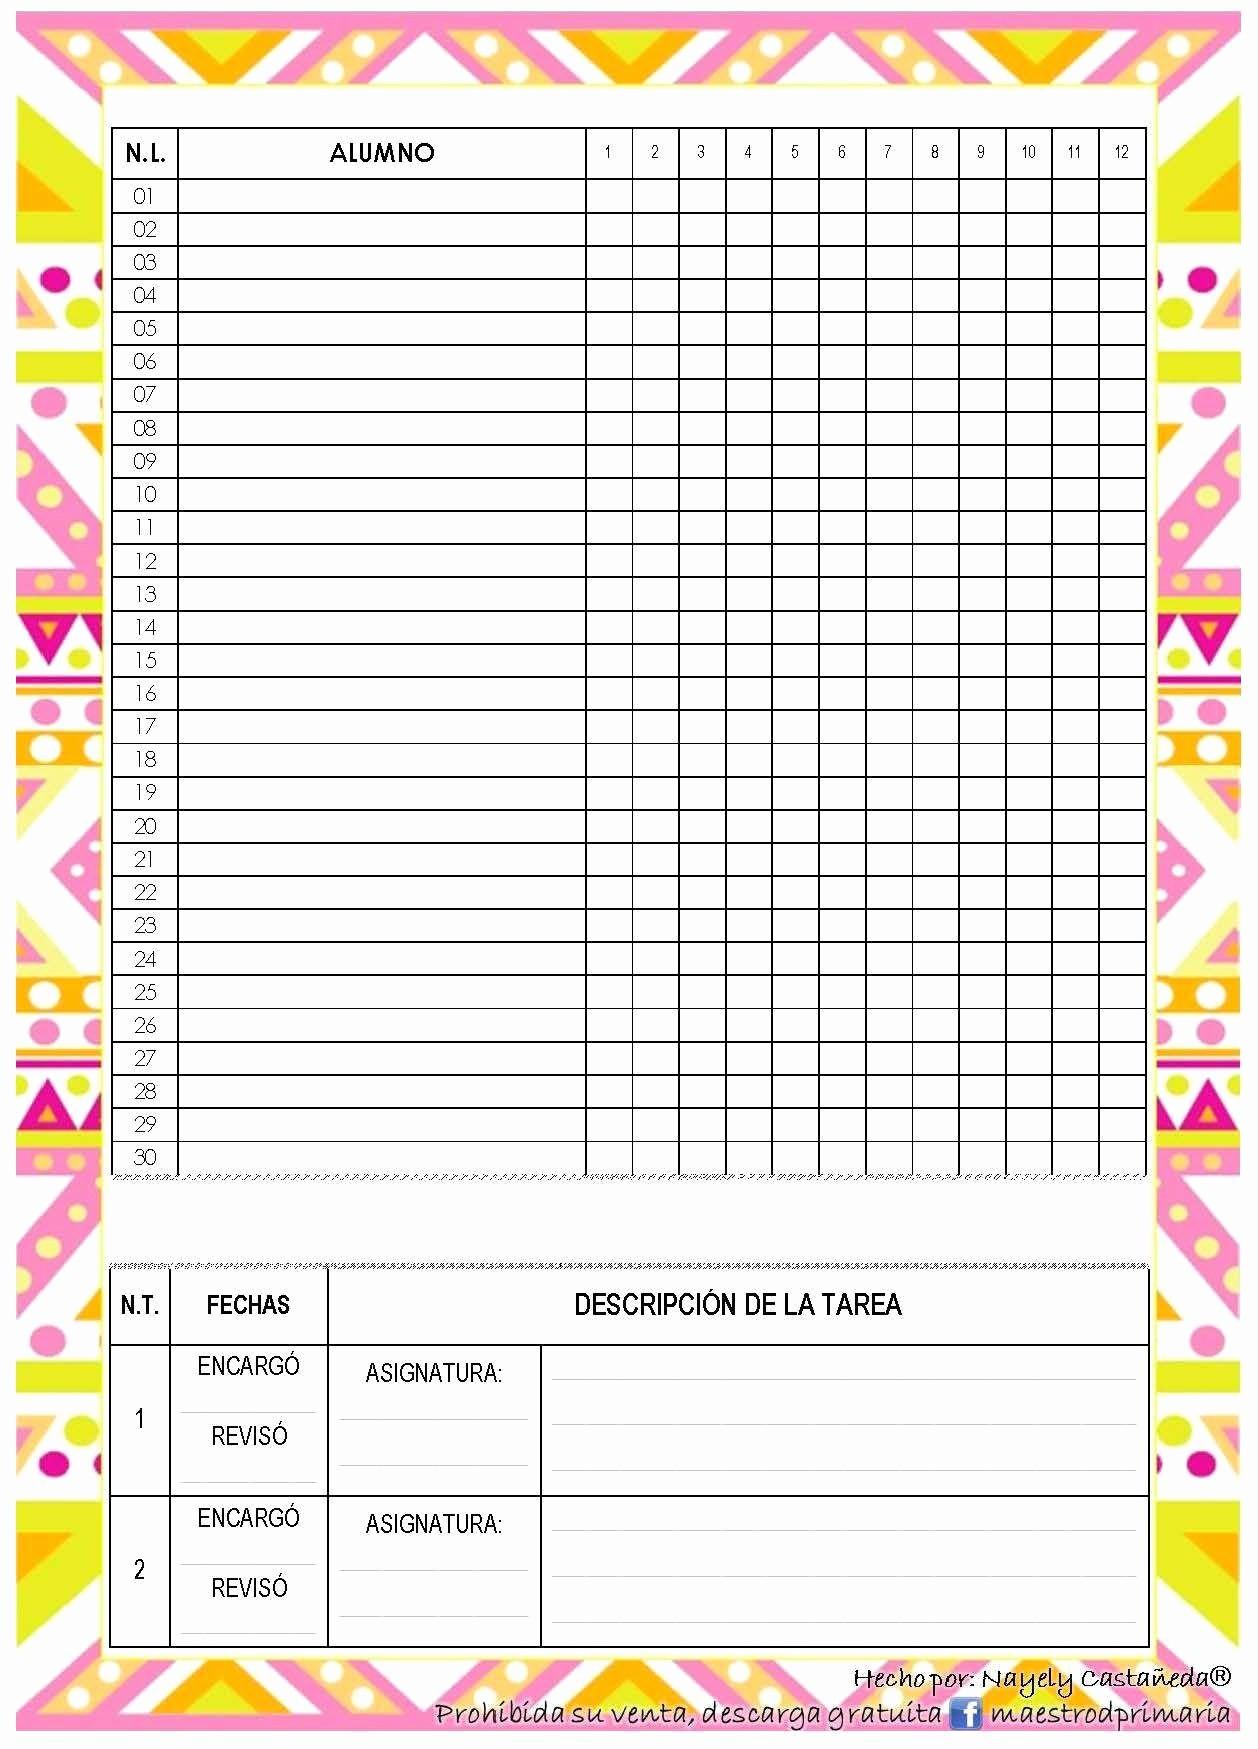 Formato Lista De asistencia Escolar New Nueva Agenda Ciclo 2015 2016 formatos Editables Motivos